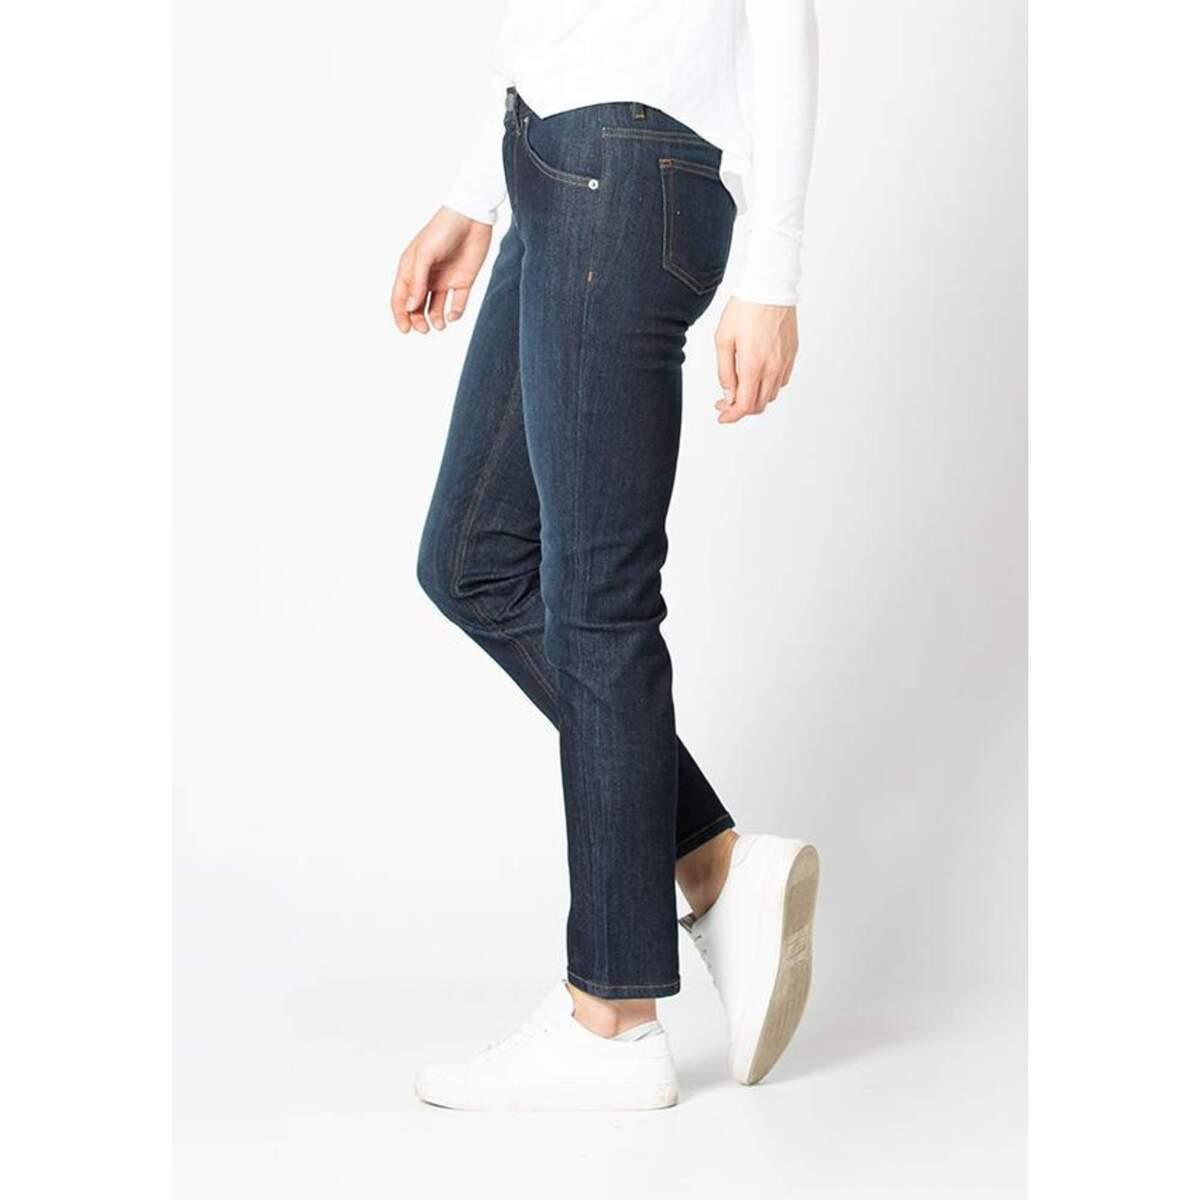 Bild 5 von DU/ER PERFORMANCE DENIM SLIM STRAIGHT Frauen - Jeans